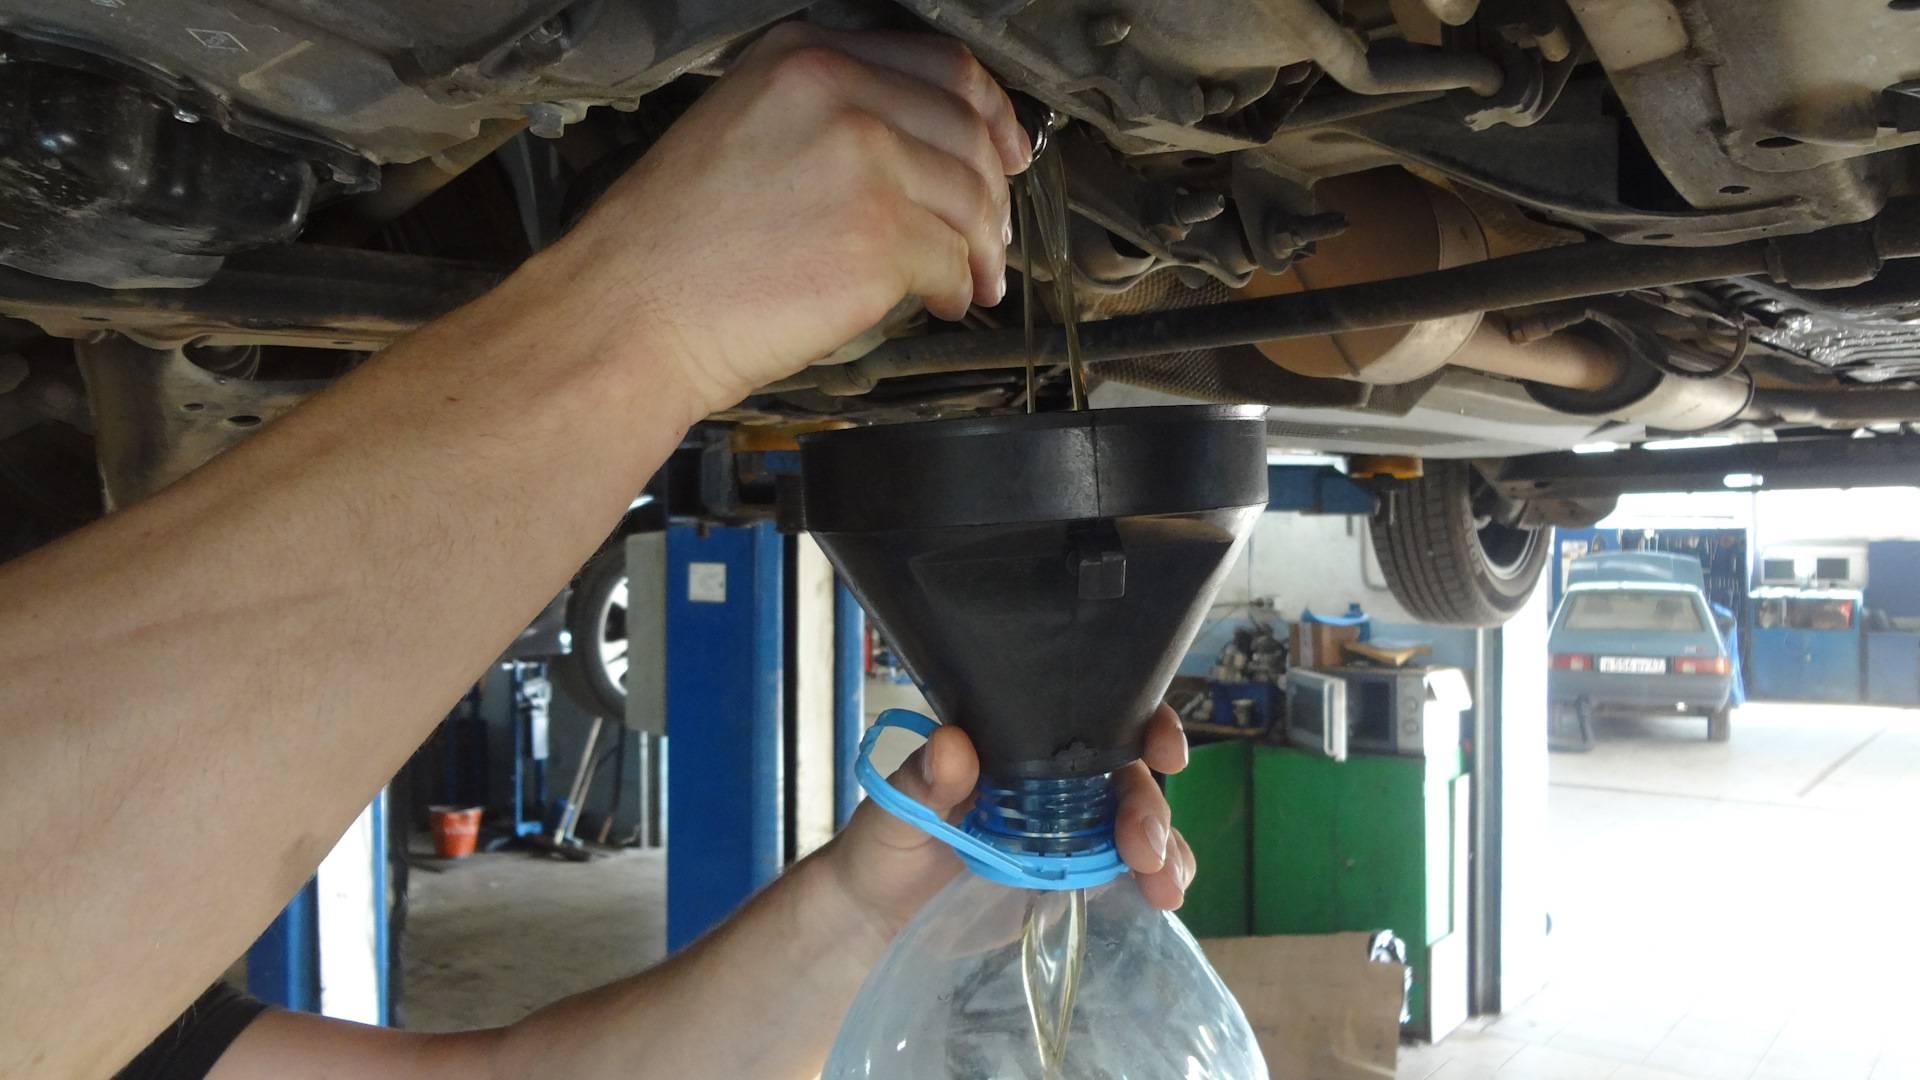 Замена масла потребуется раньше, если машина будет простаивать. Фото: drive2.ru